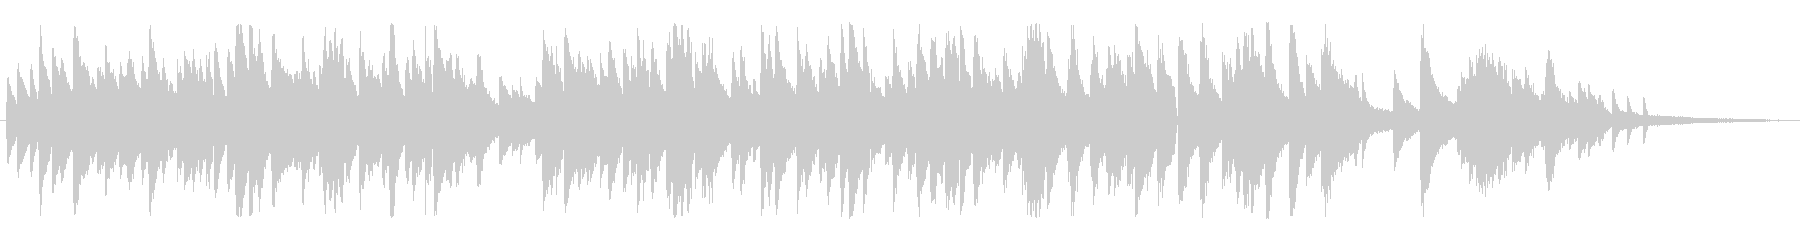 ムーディーなジャズ風ラウンジピアノソロの未再生の波形